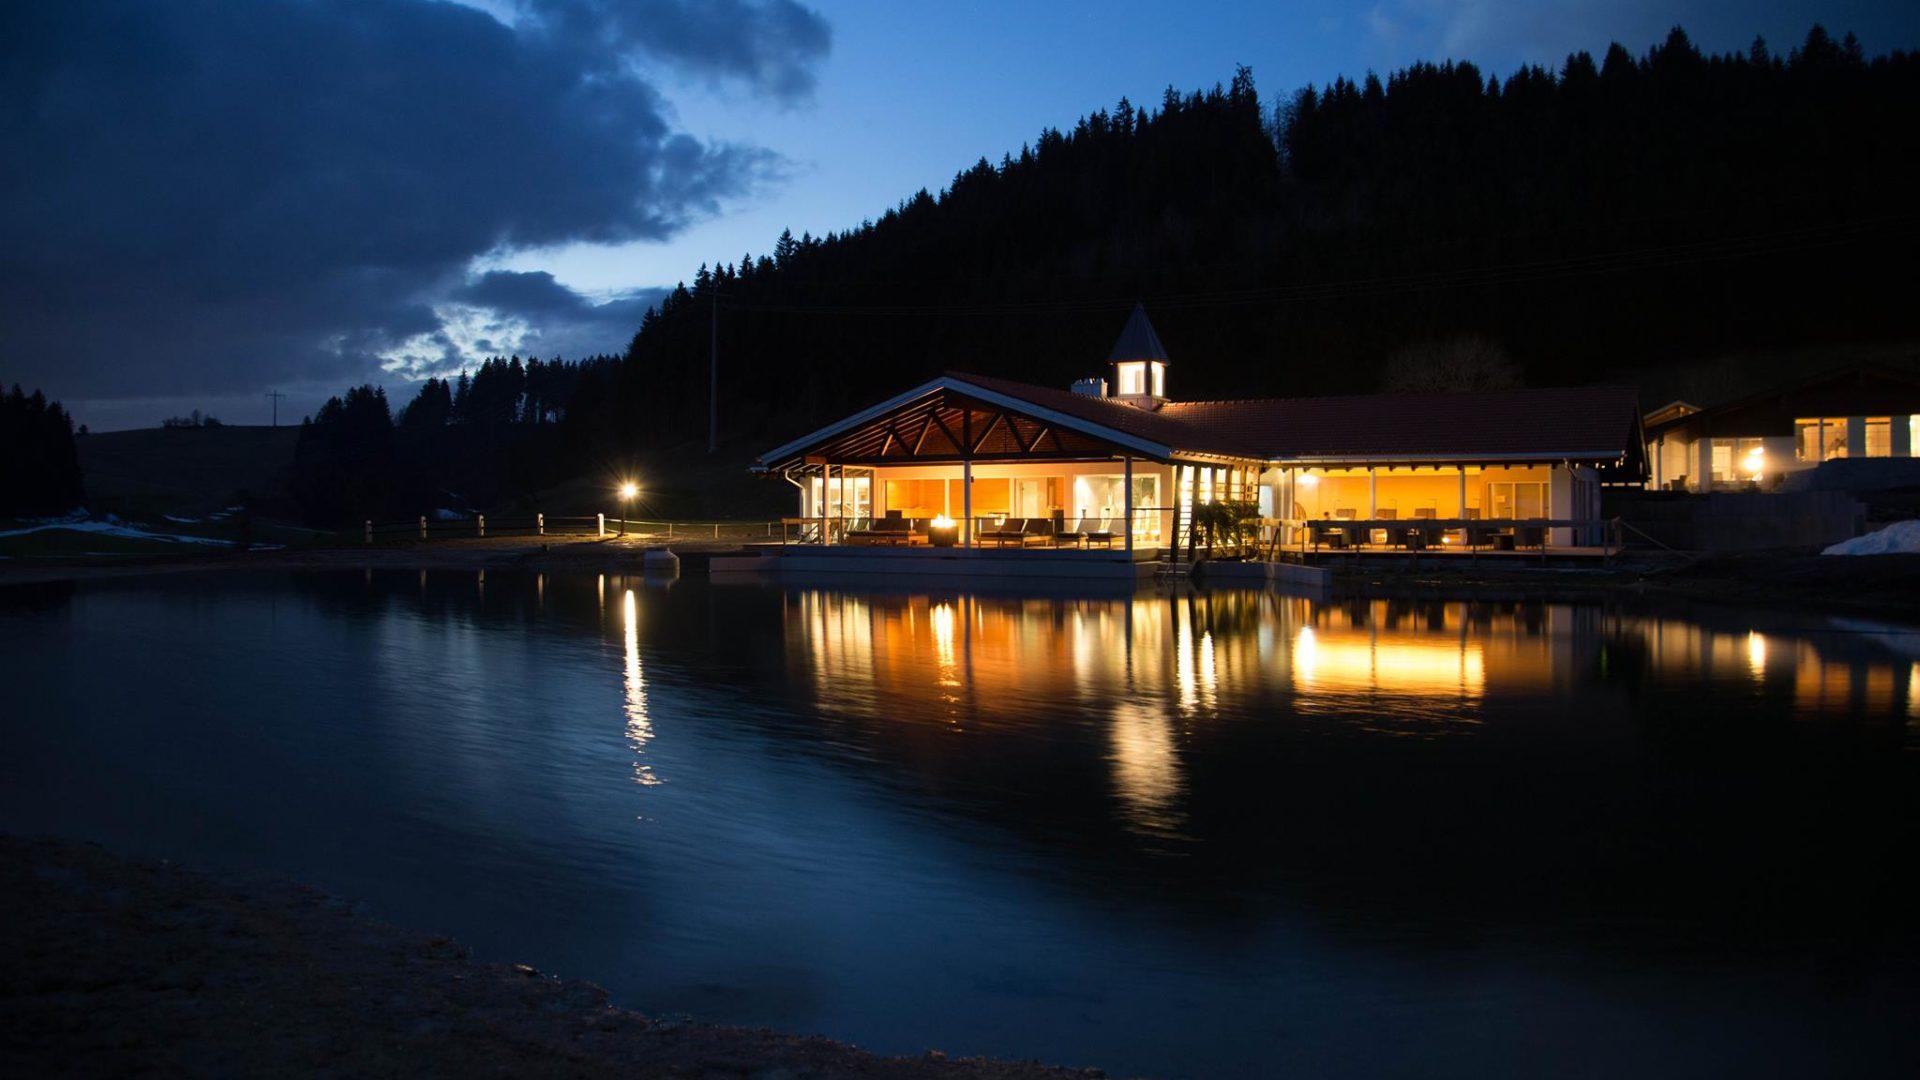 Haus am See Haubers Alpenresort, Strategie Konzept, Preisstrategie Dr. Chistoph Nussbaumer